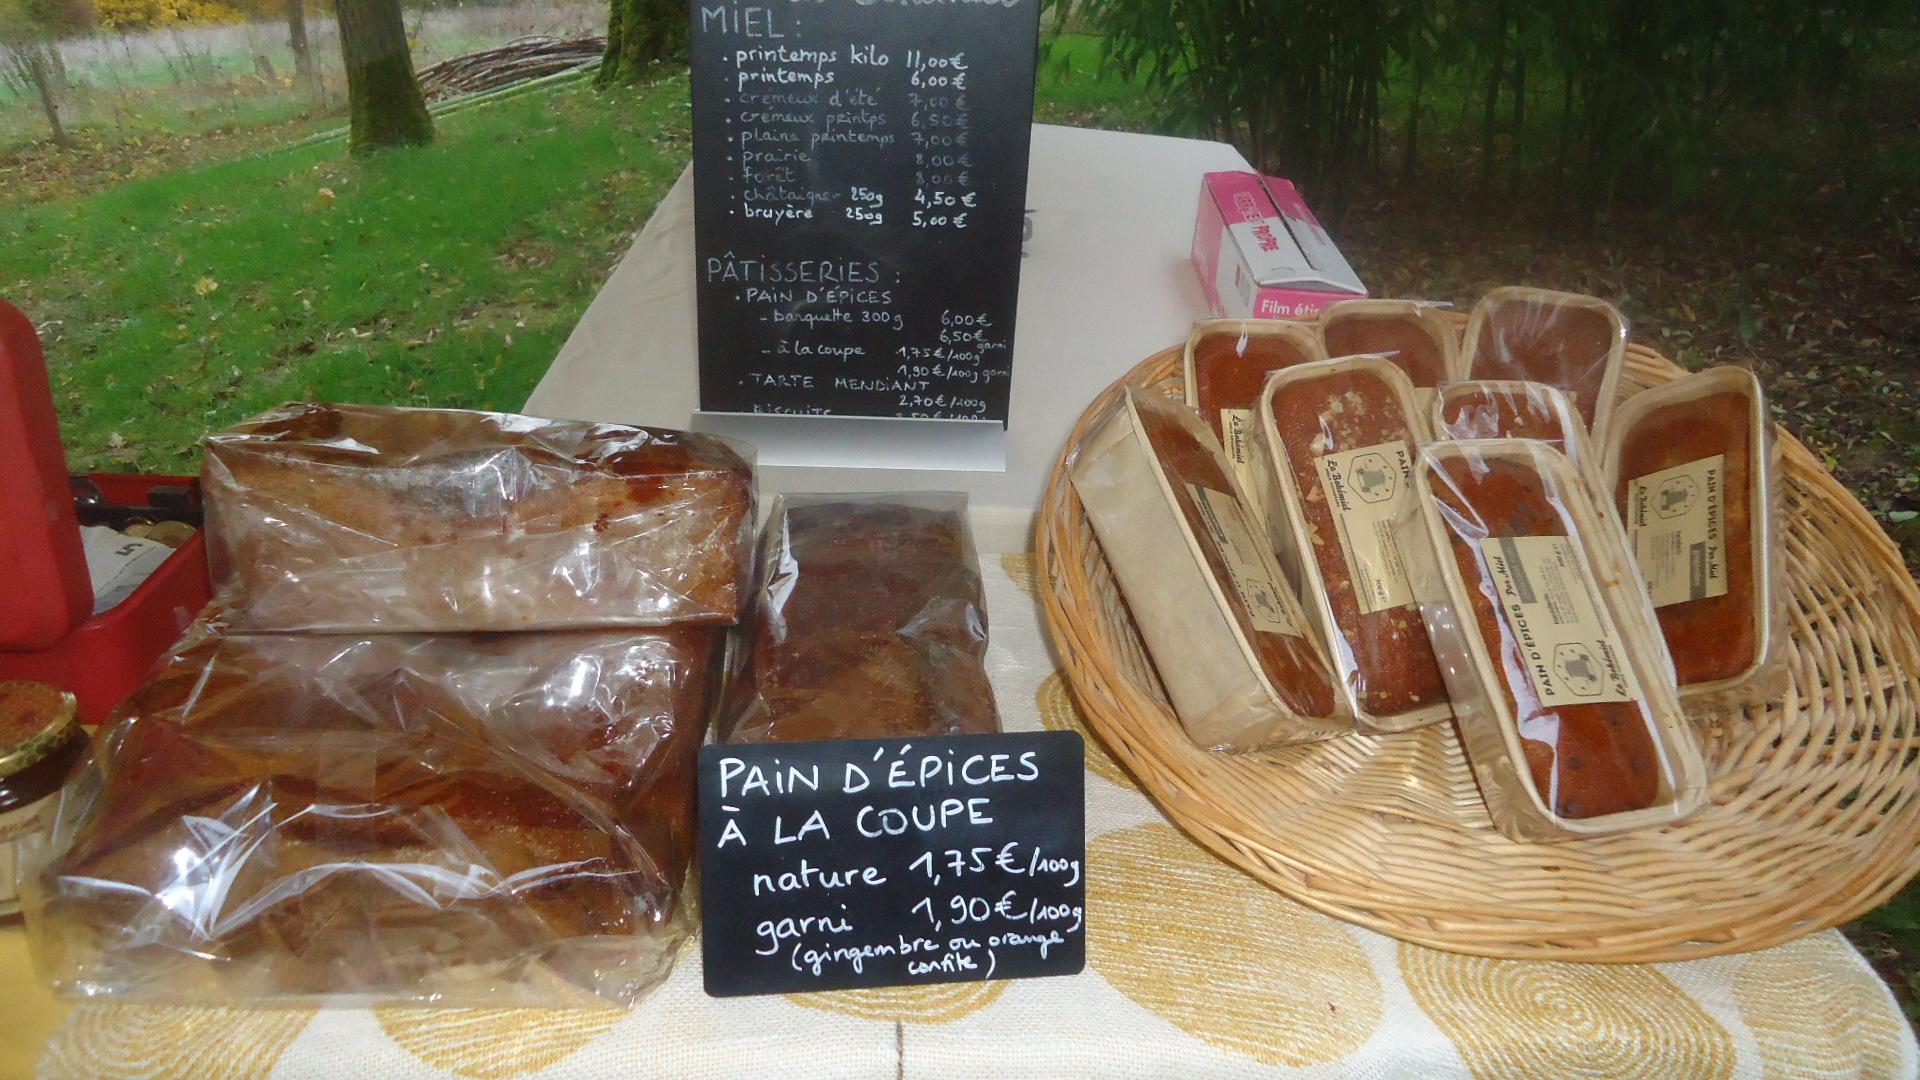 pain d'épice de l'apiculteur dans le 47